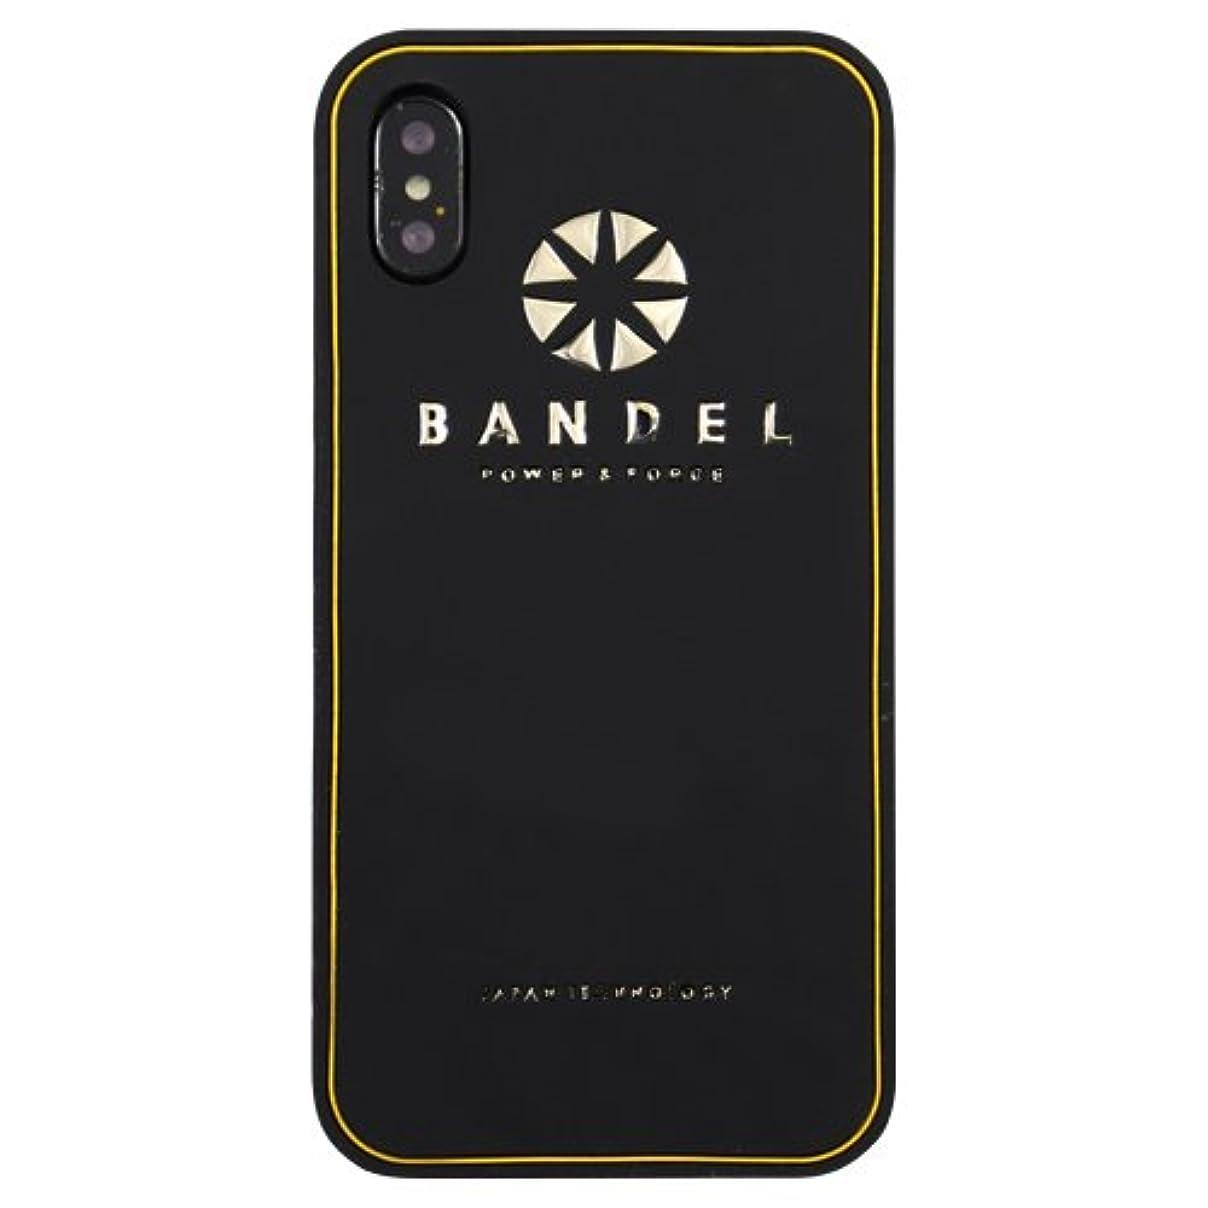 小数十分謎めいたバンデル(BANDEL) ロゴ iPhone X専用 シリコンケース [ブラック×ゴールド]